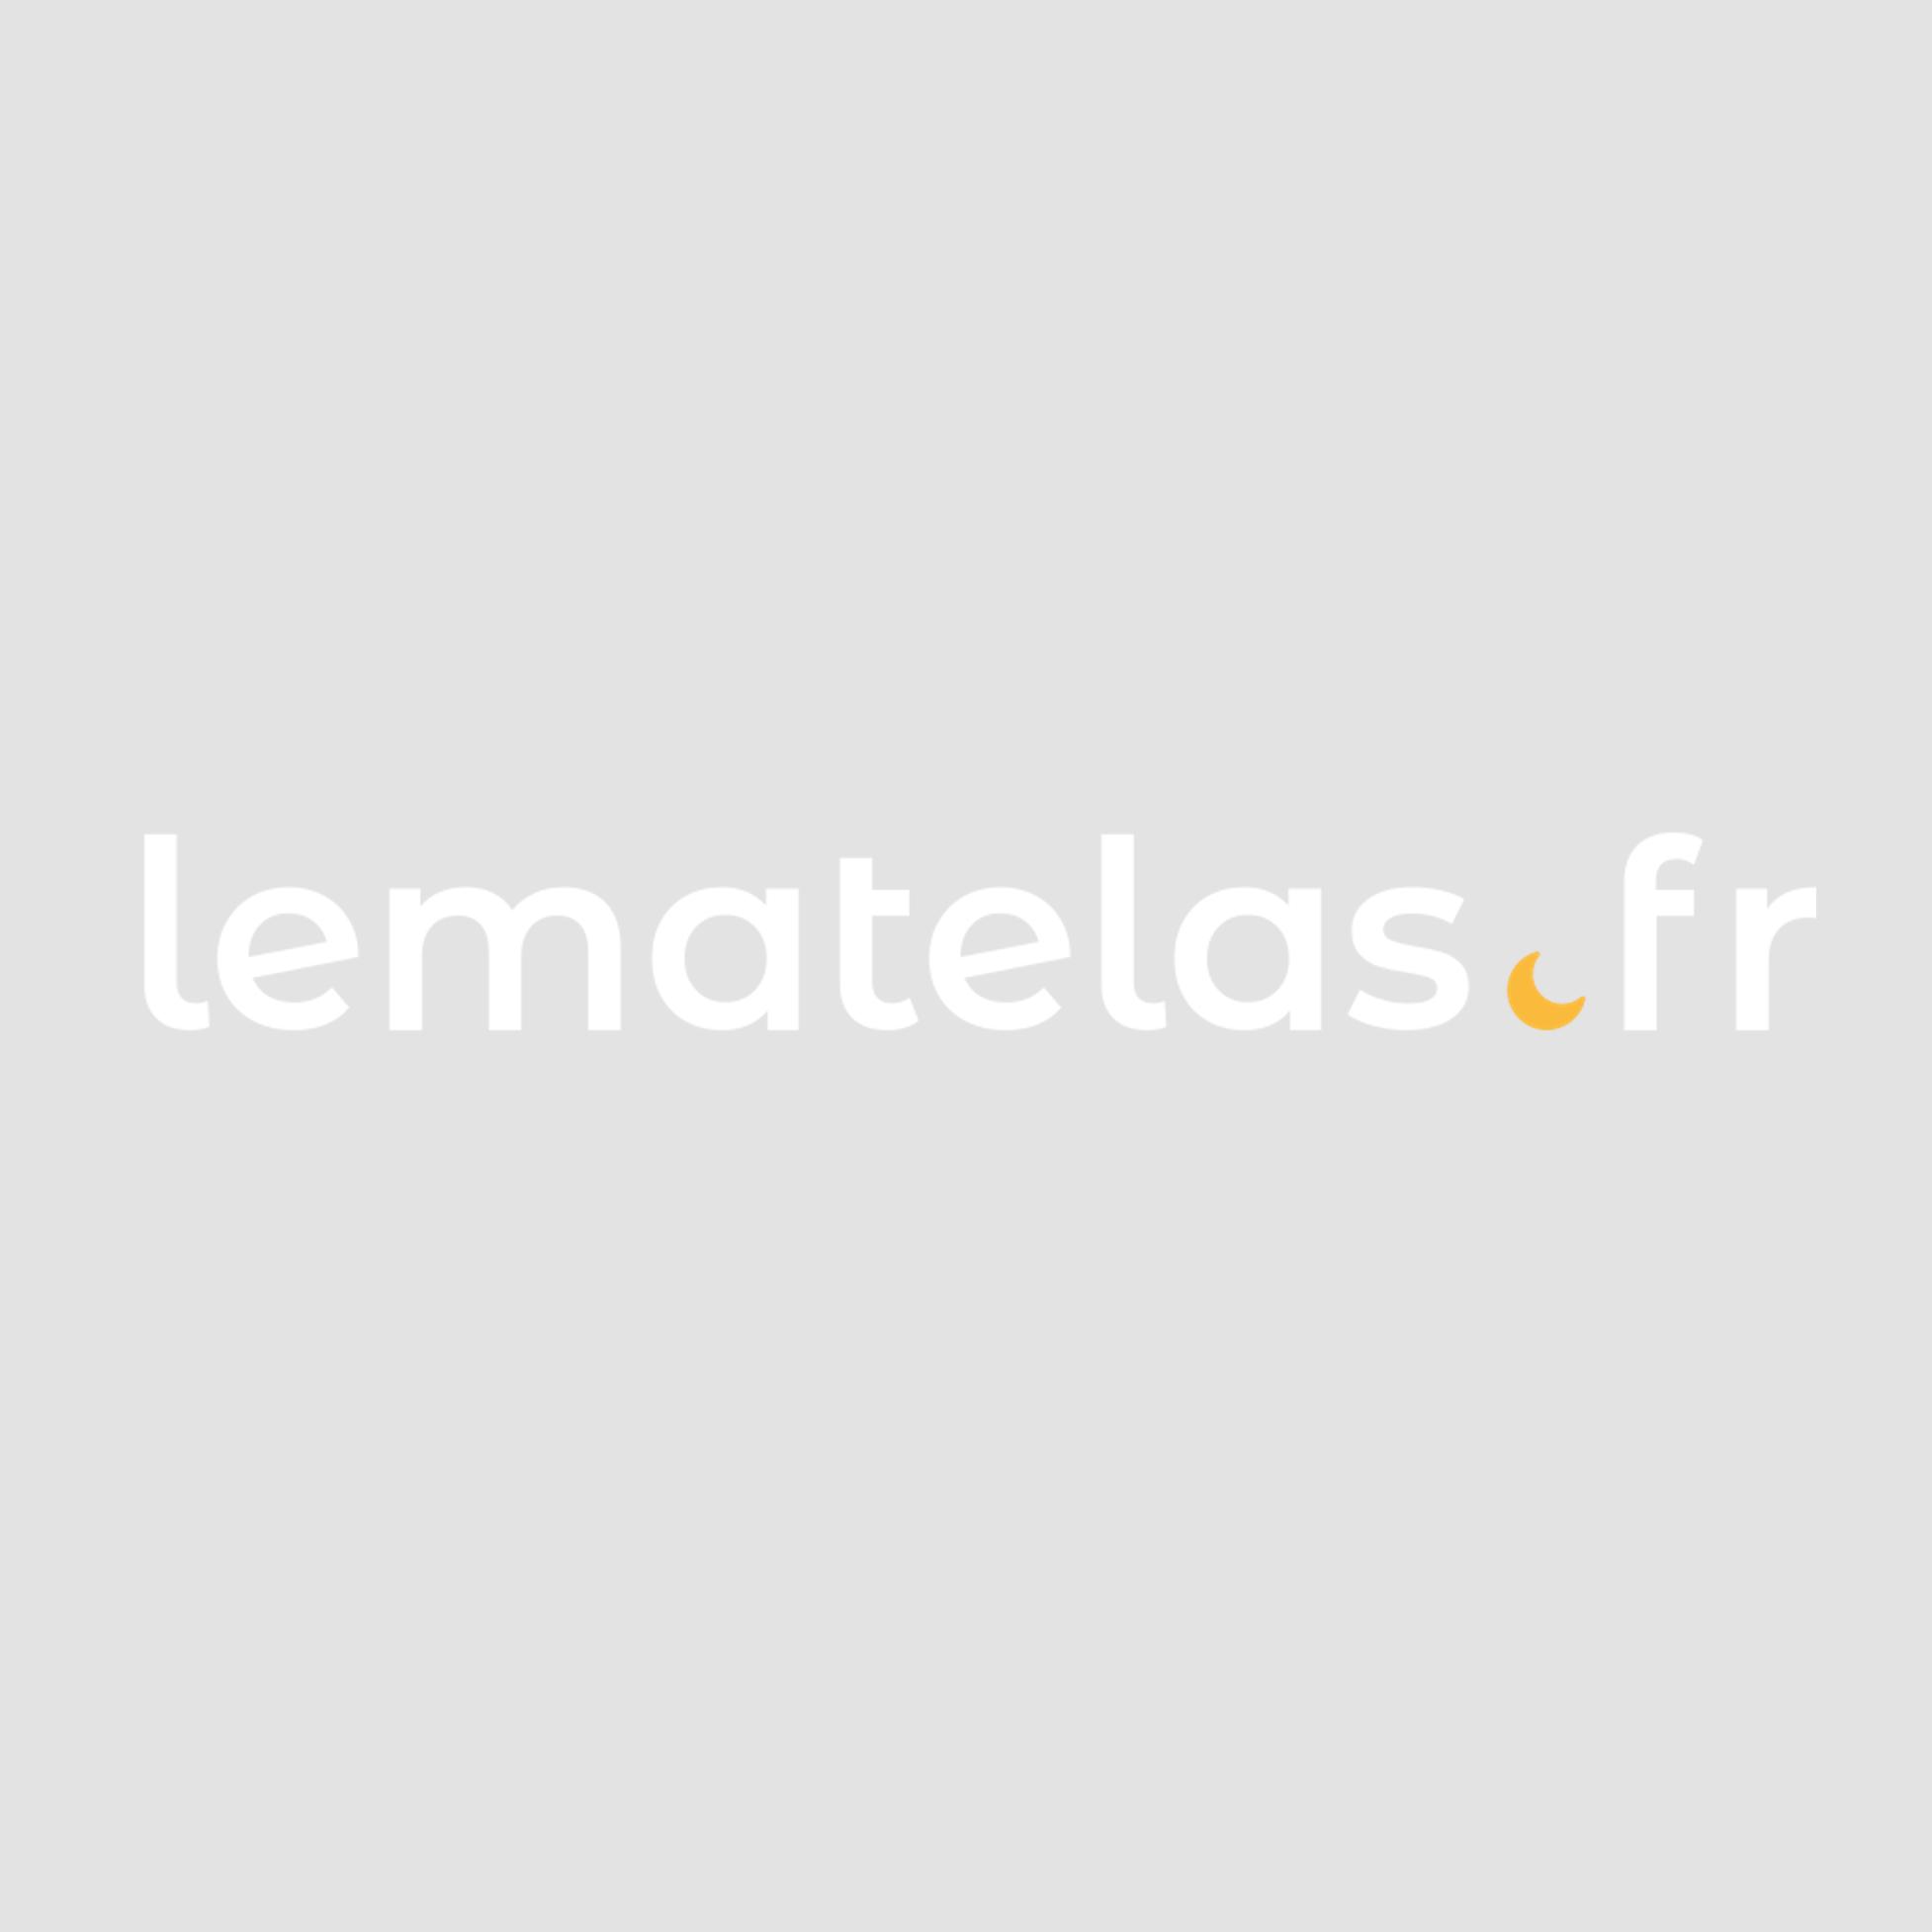 Chambre complète en bois blanc et imitation chêne - CB5015-2